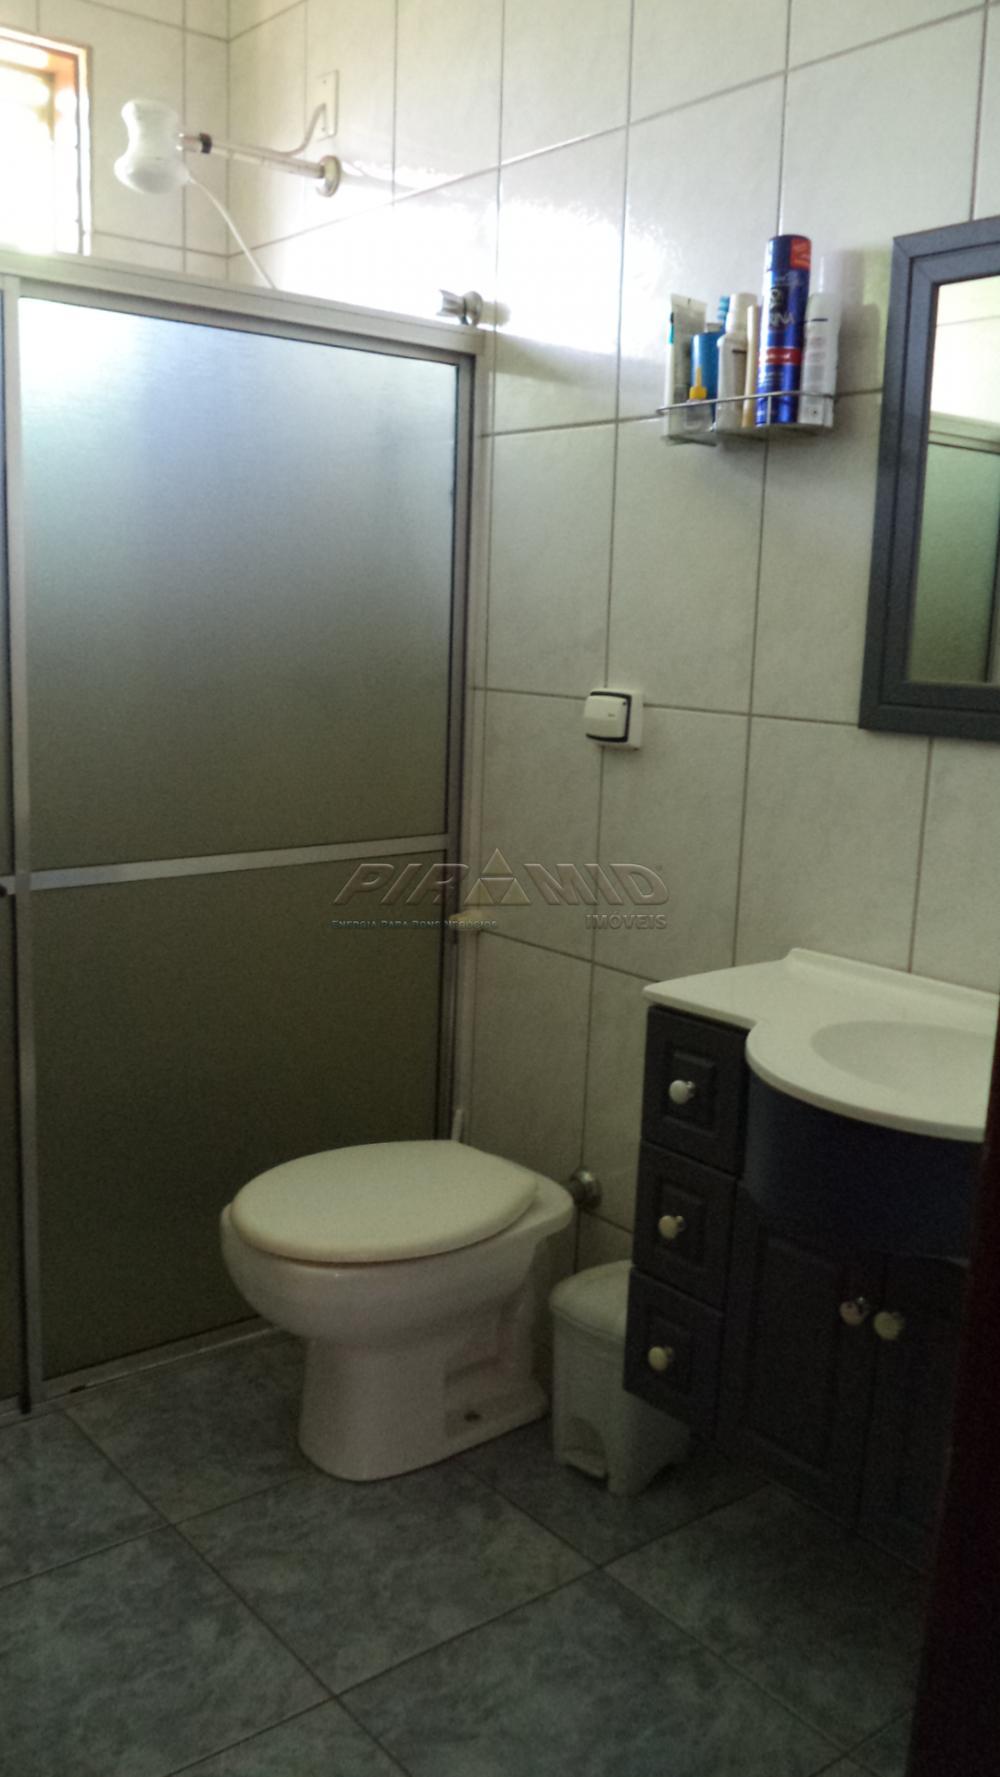 Alugar Casa / Padrão em Ribeirão Preto apenas R$ 2.500,00 - Foto 10